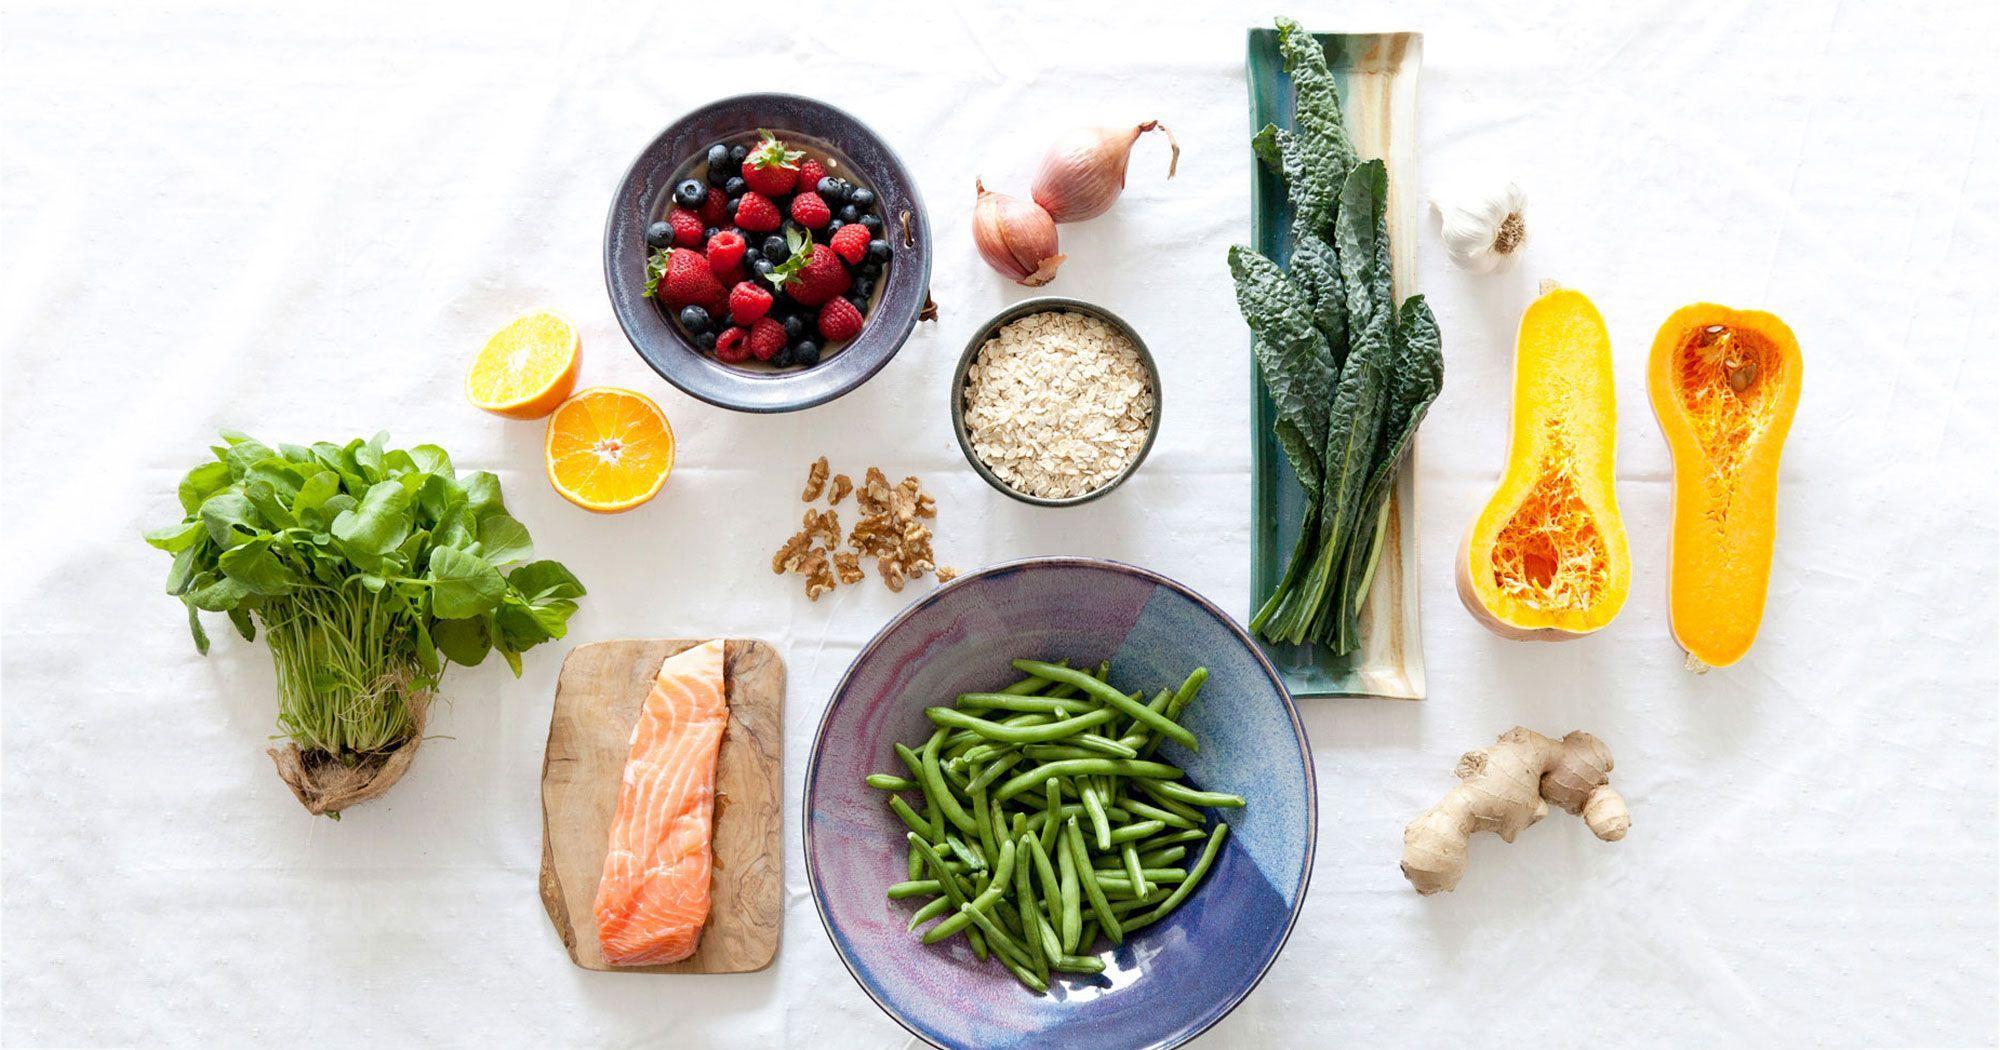 Как замедлить метаболизм? — sportfito — сайт о спорте и здоровом образе жизни